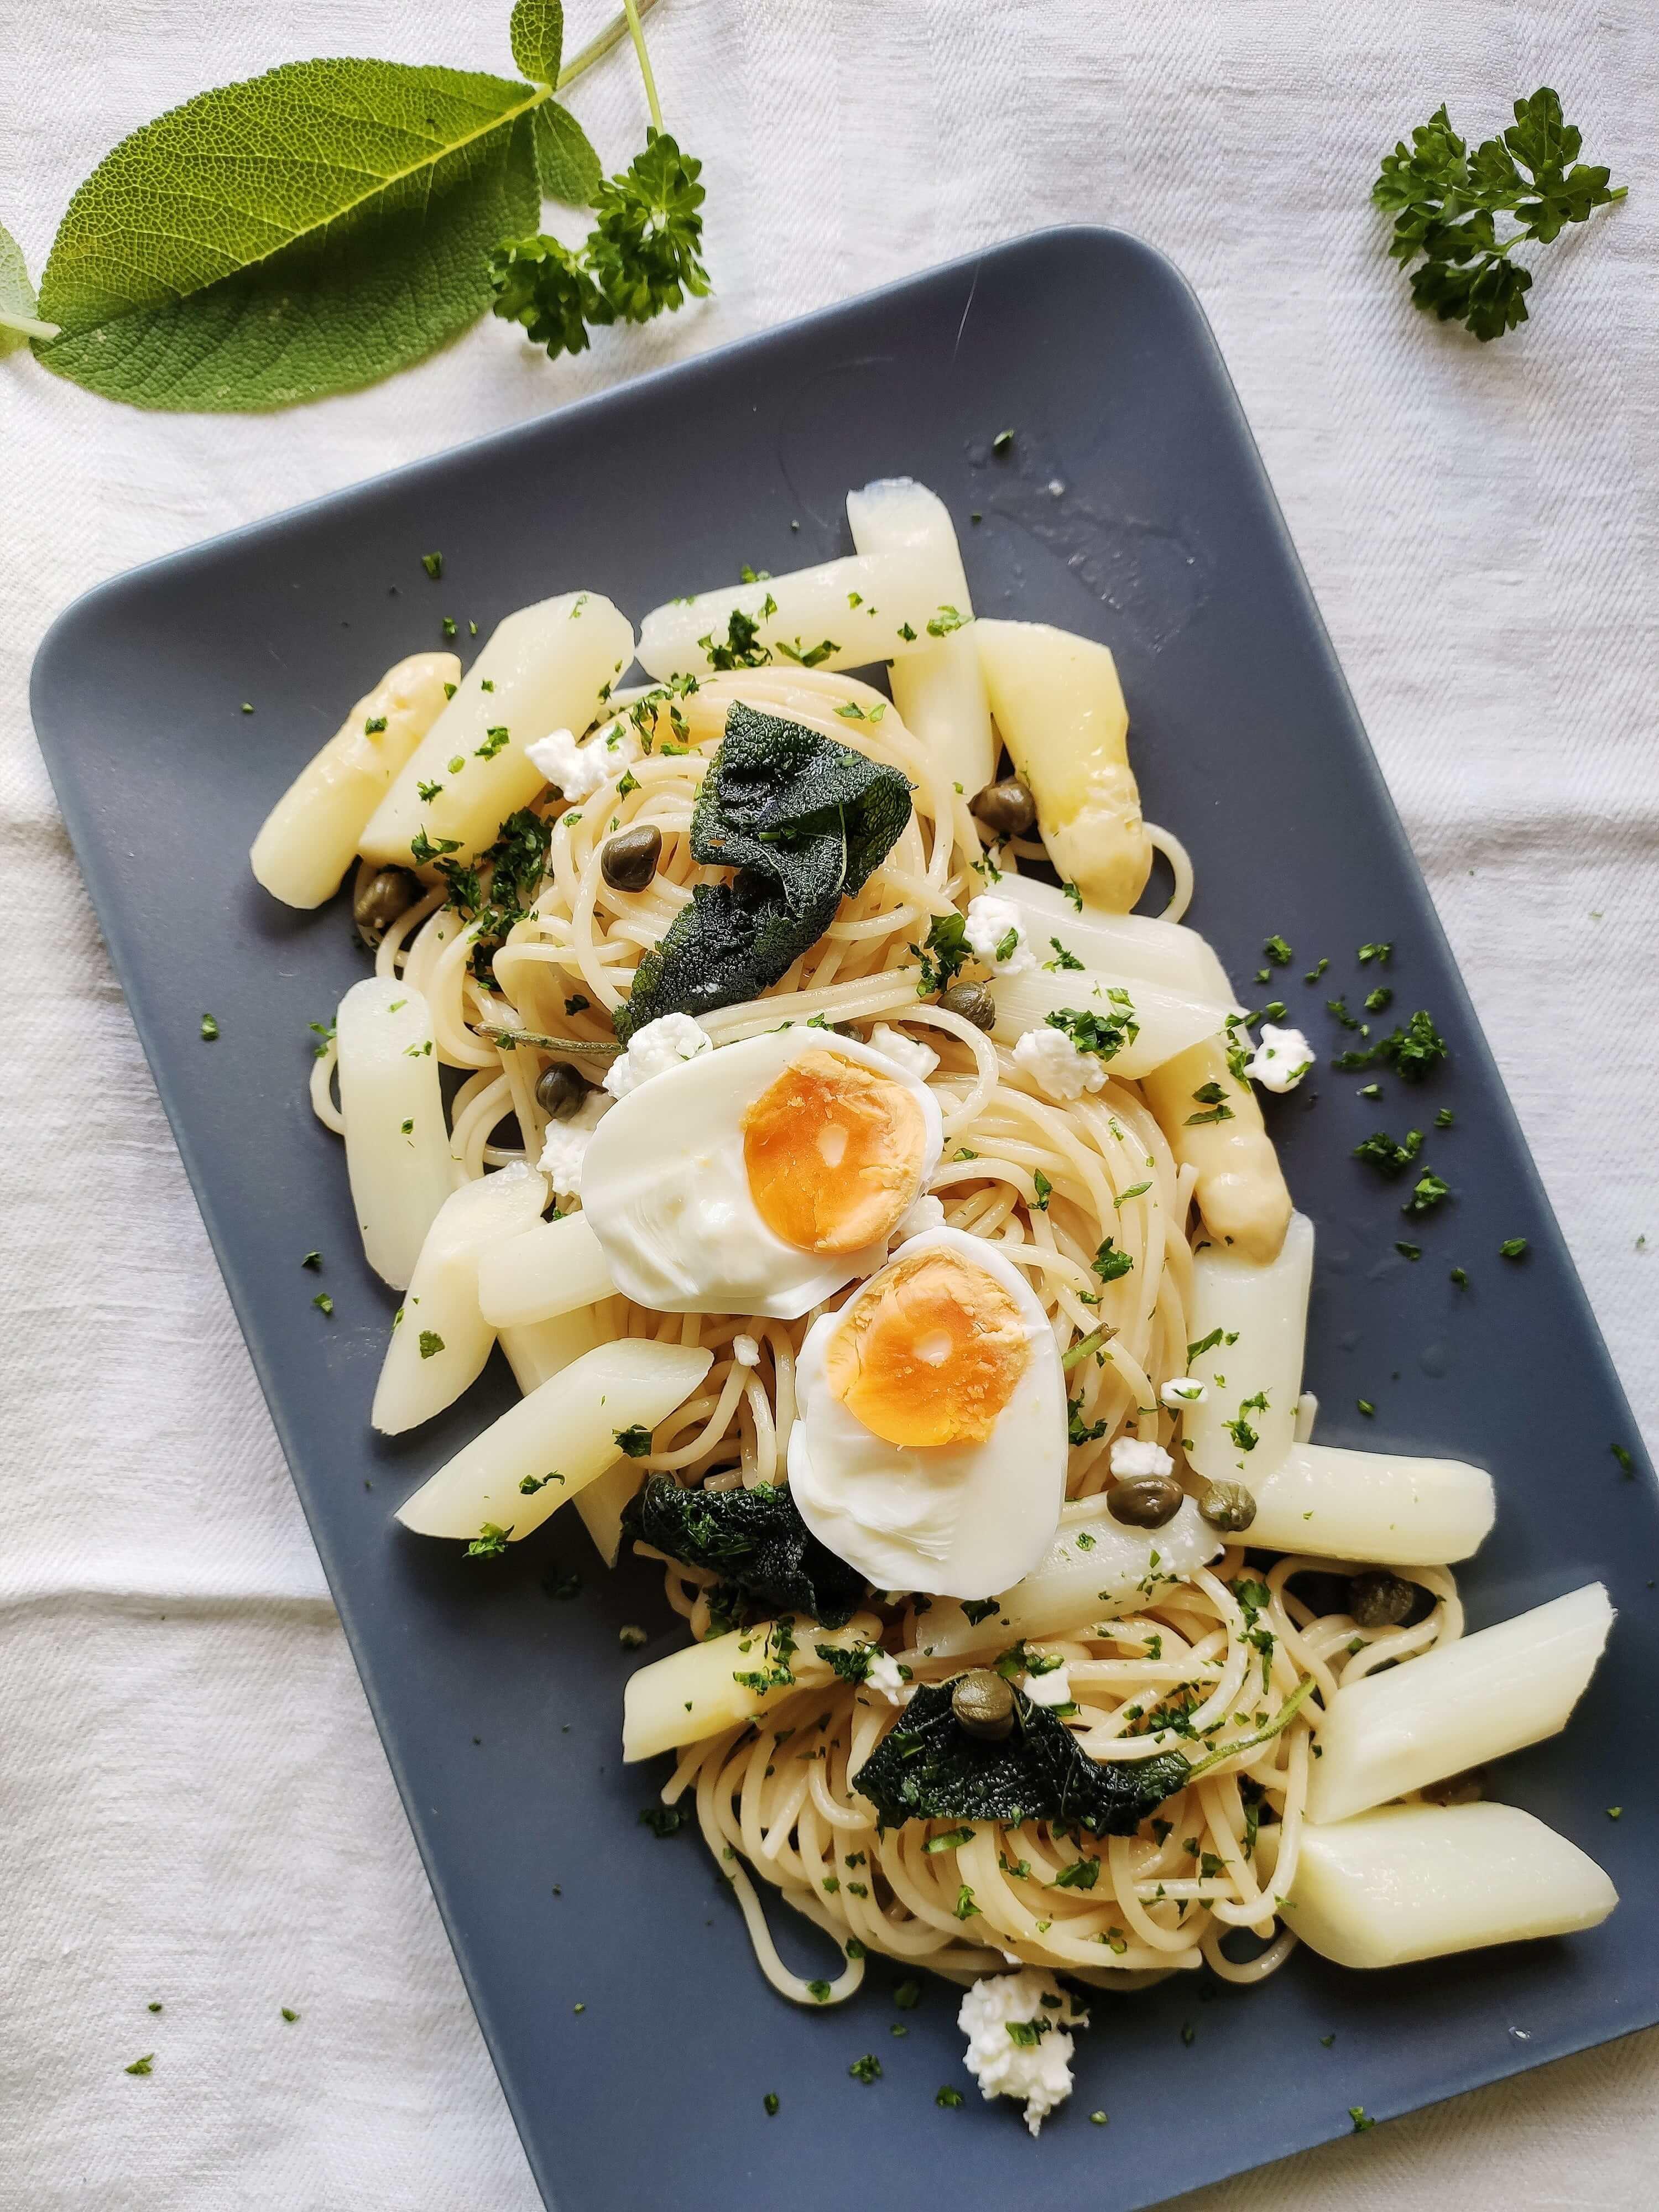 Schnelles Rezept für frische Salbei Pasta mit Spargel